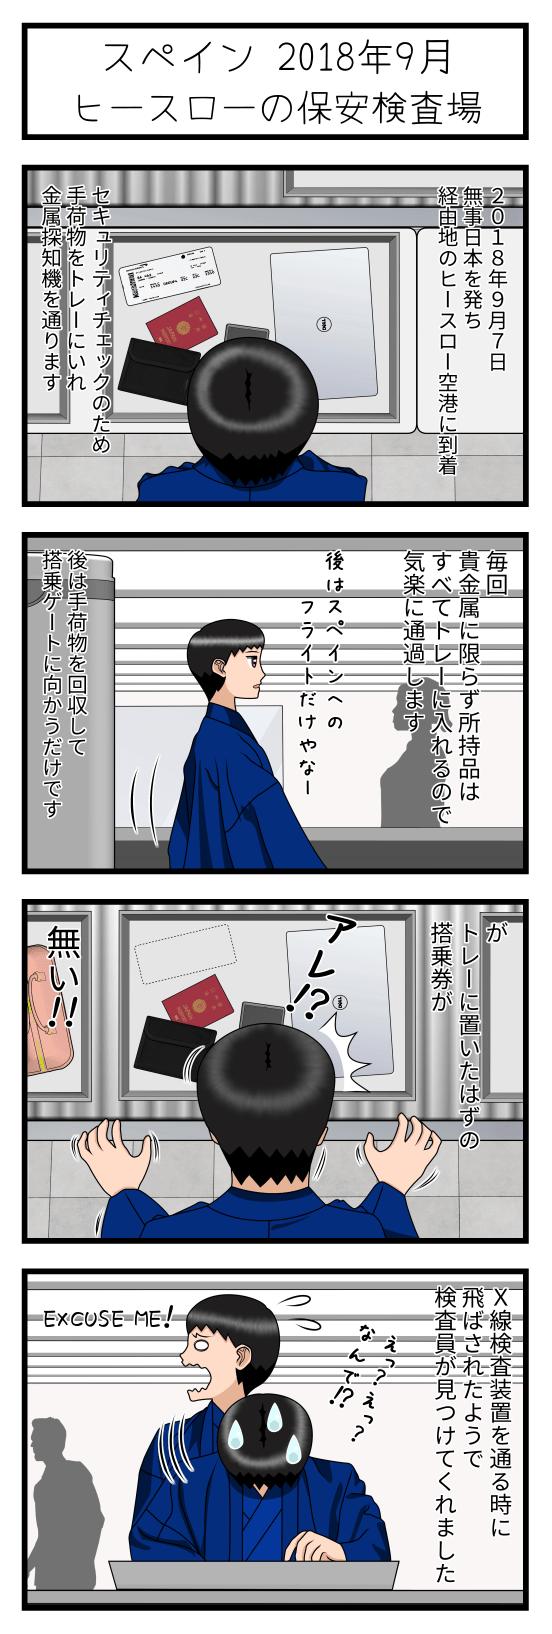 spain_201809_03_1